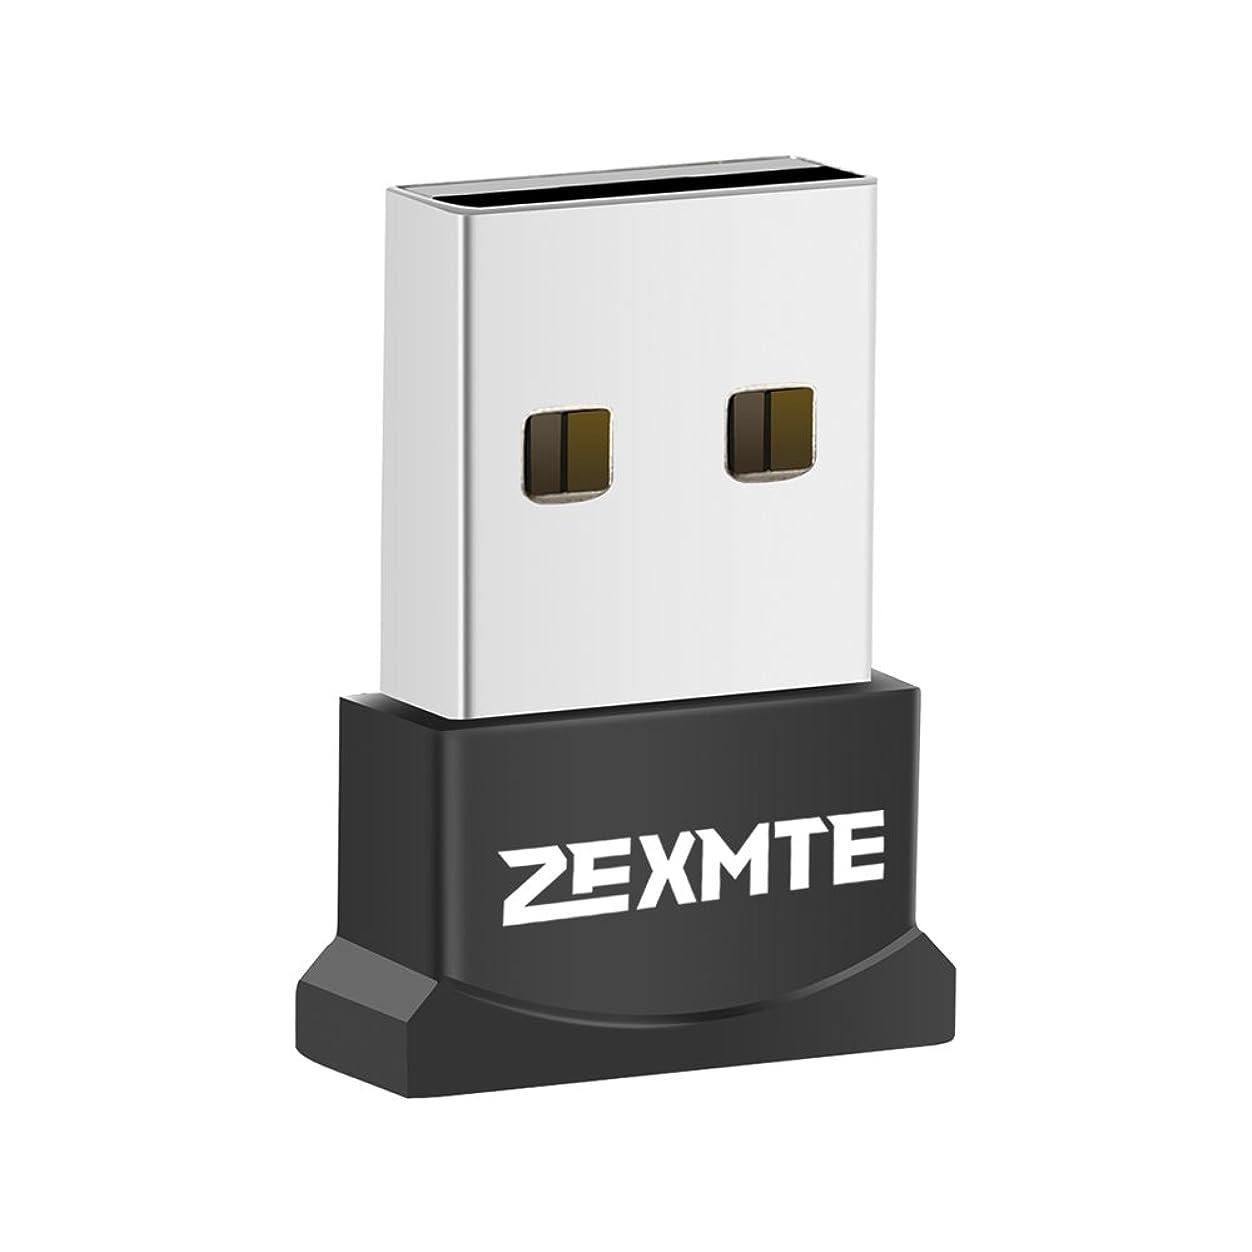 回想ウィスキー特徴づけるzexmte Bluetooth 4.0?+ EDR USBドングル低エネルギーアダプタサポートWindows 10?8?7?XP Vista